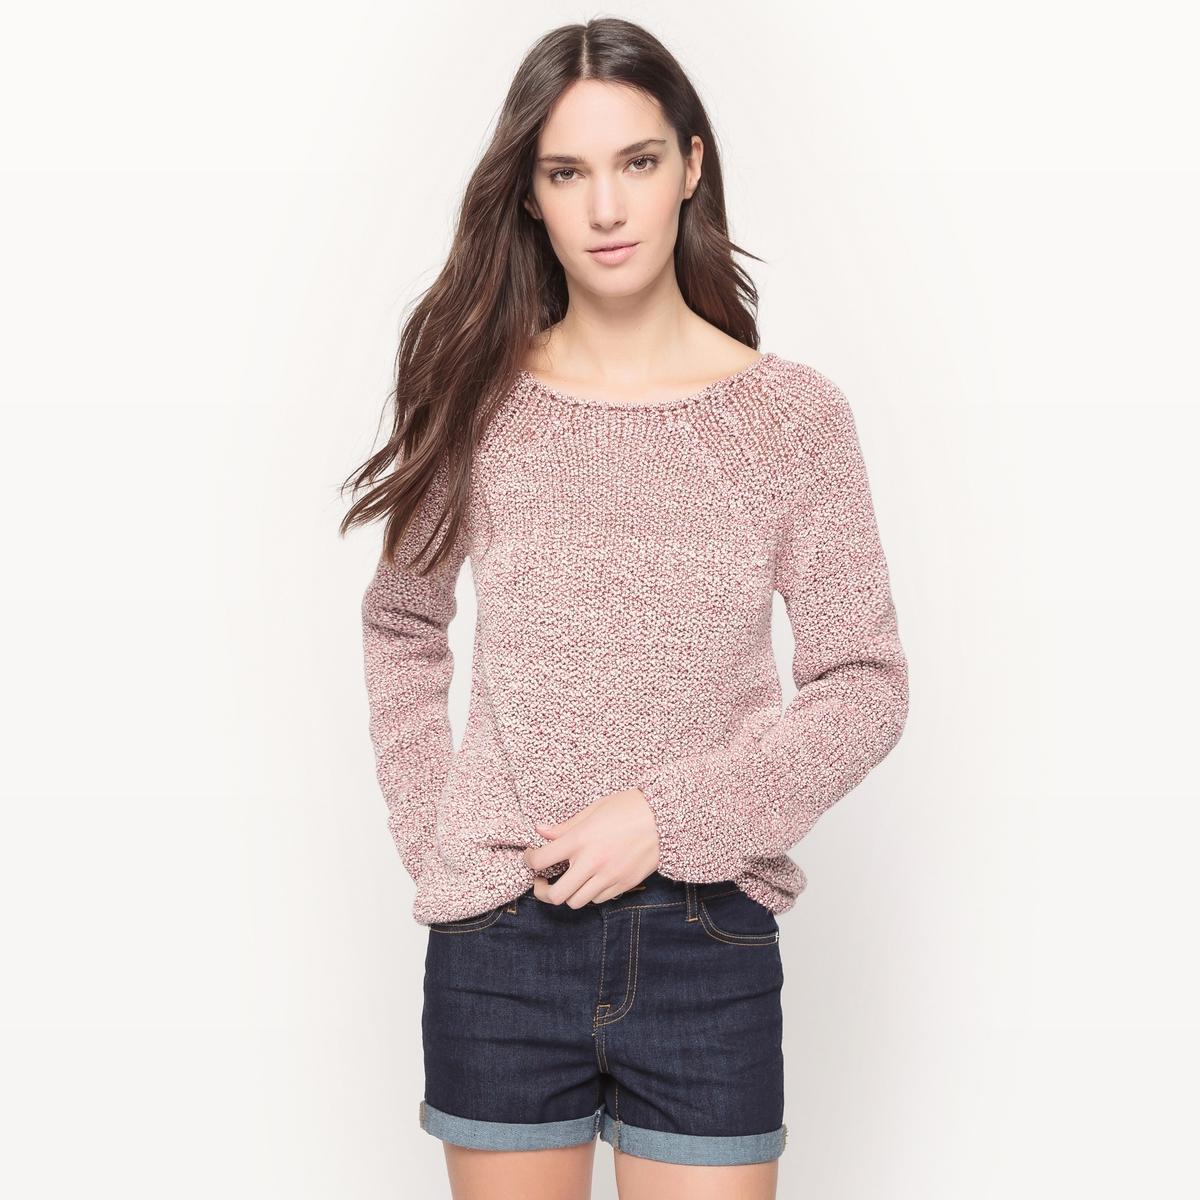 Пуловер с вырезом-лодочкой, эффект ленты из трикотажа